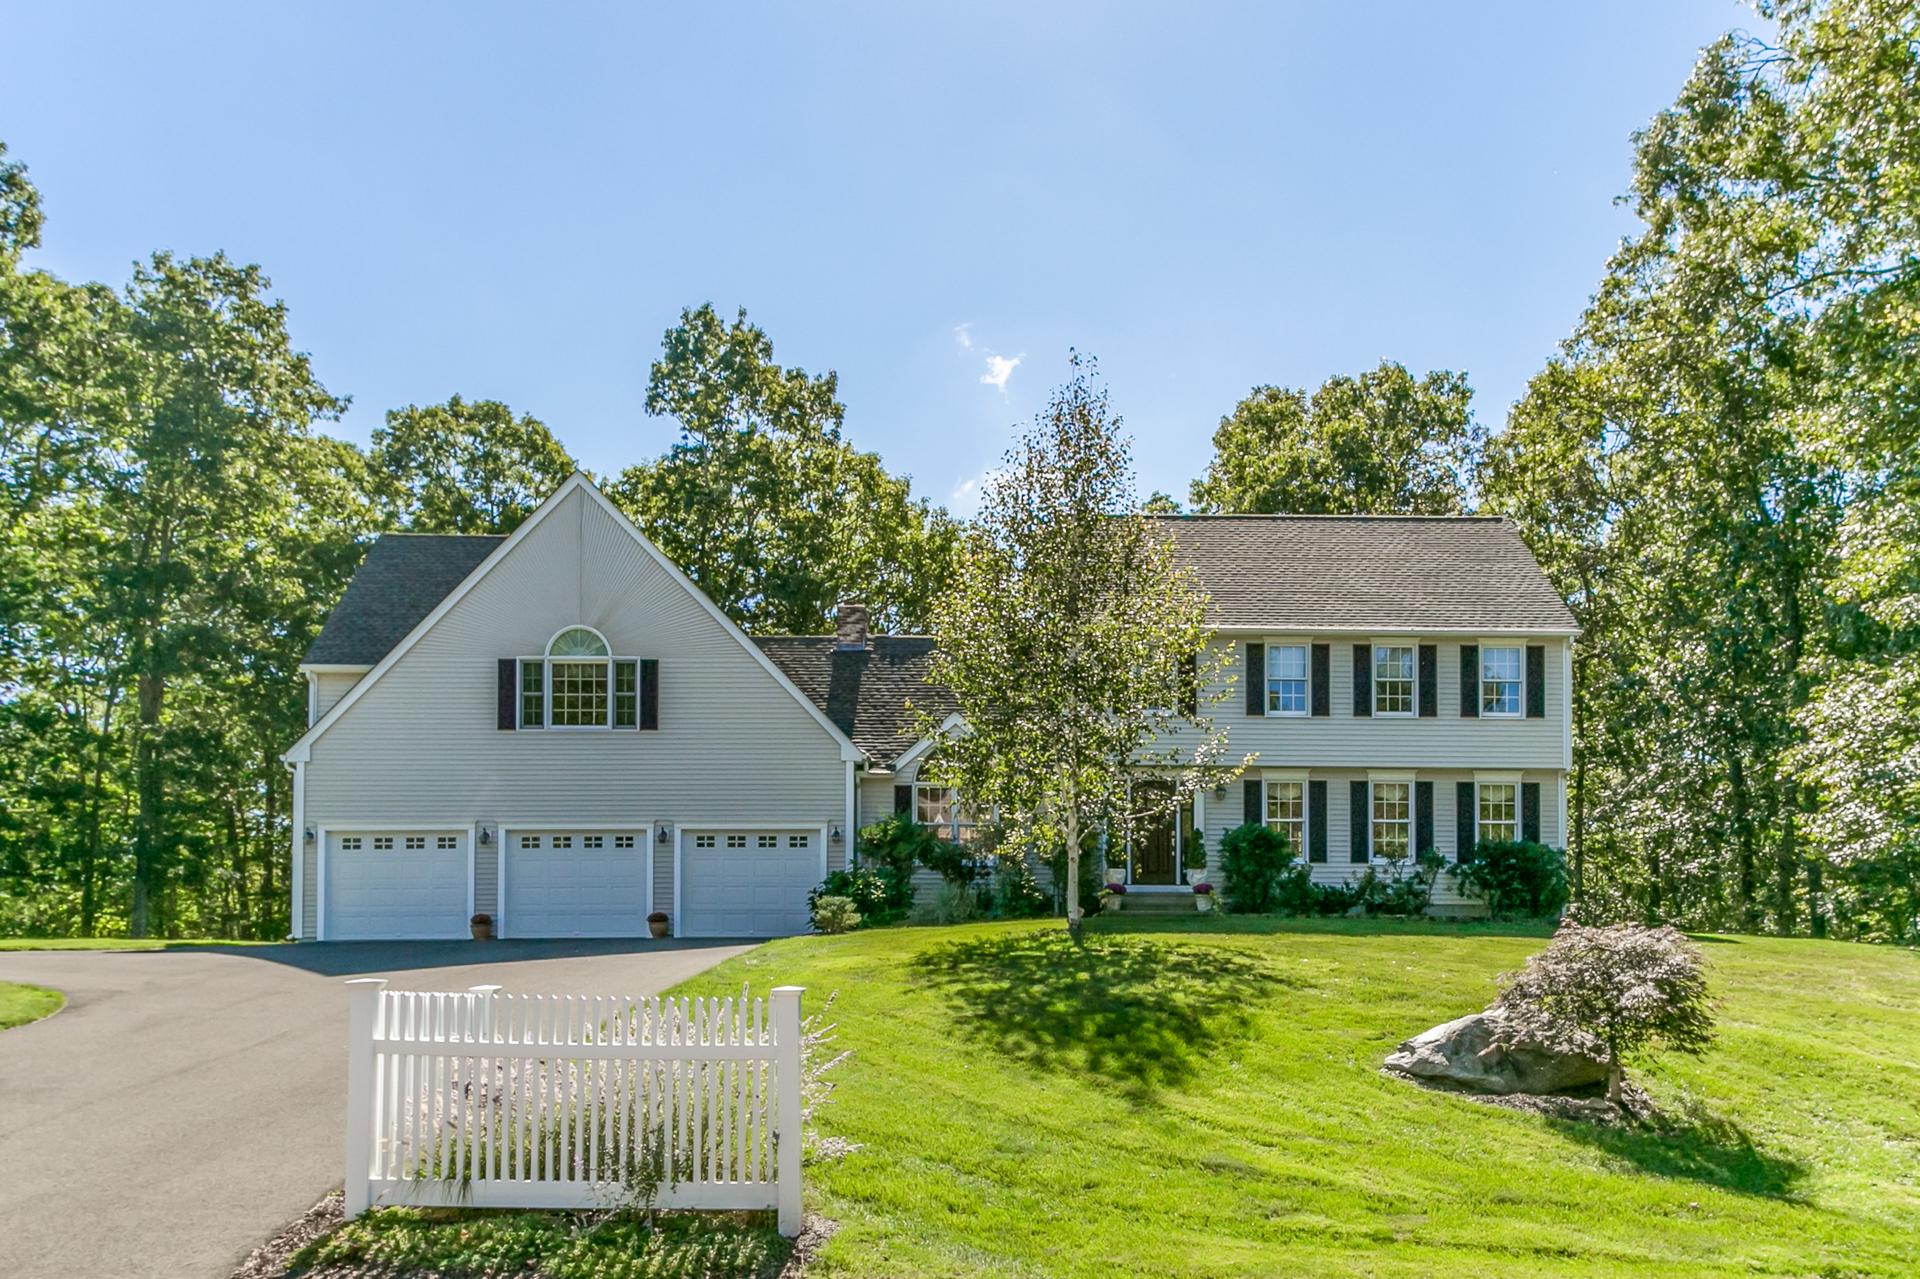 独户住宅 为 销售 在 8 Elsie Lane 克林顿, 康涅狄格州, 06413 美国